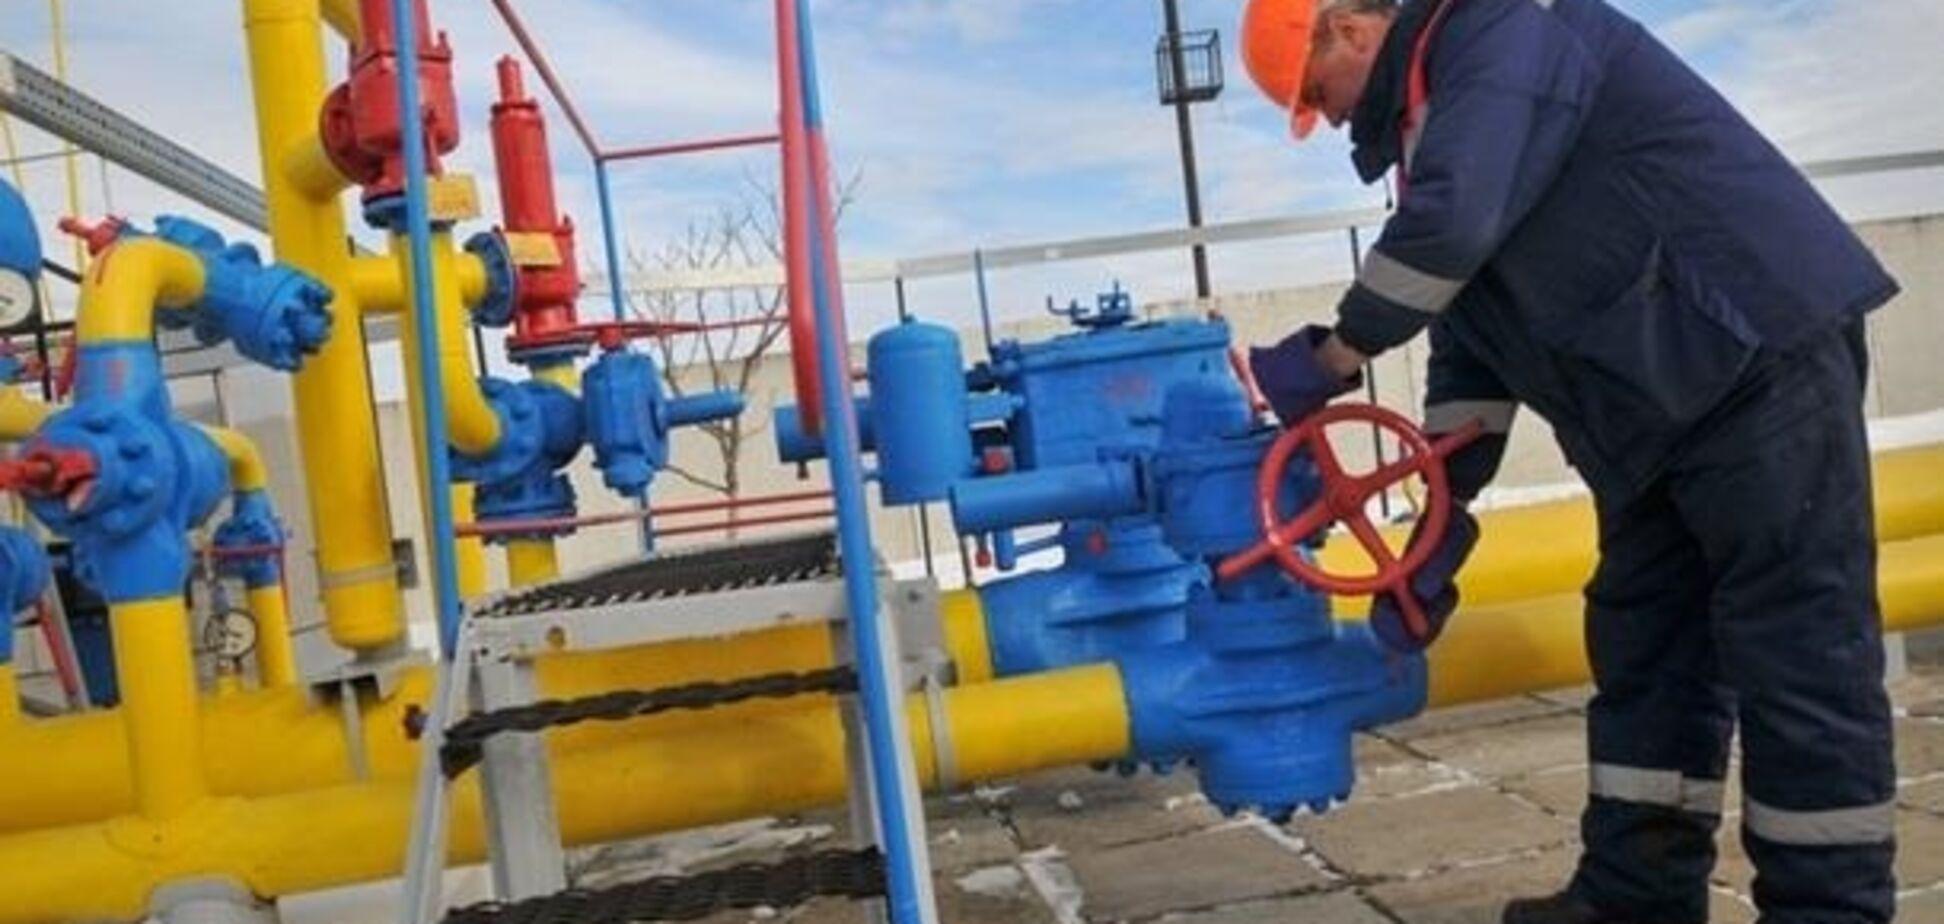 Україна втратила мільярди через газову залежність від Росії: вперше озвучено суму